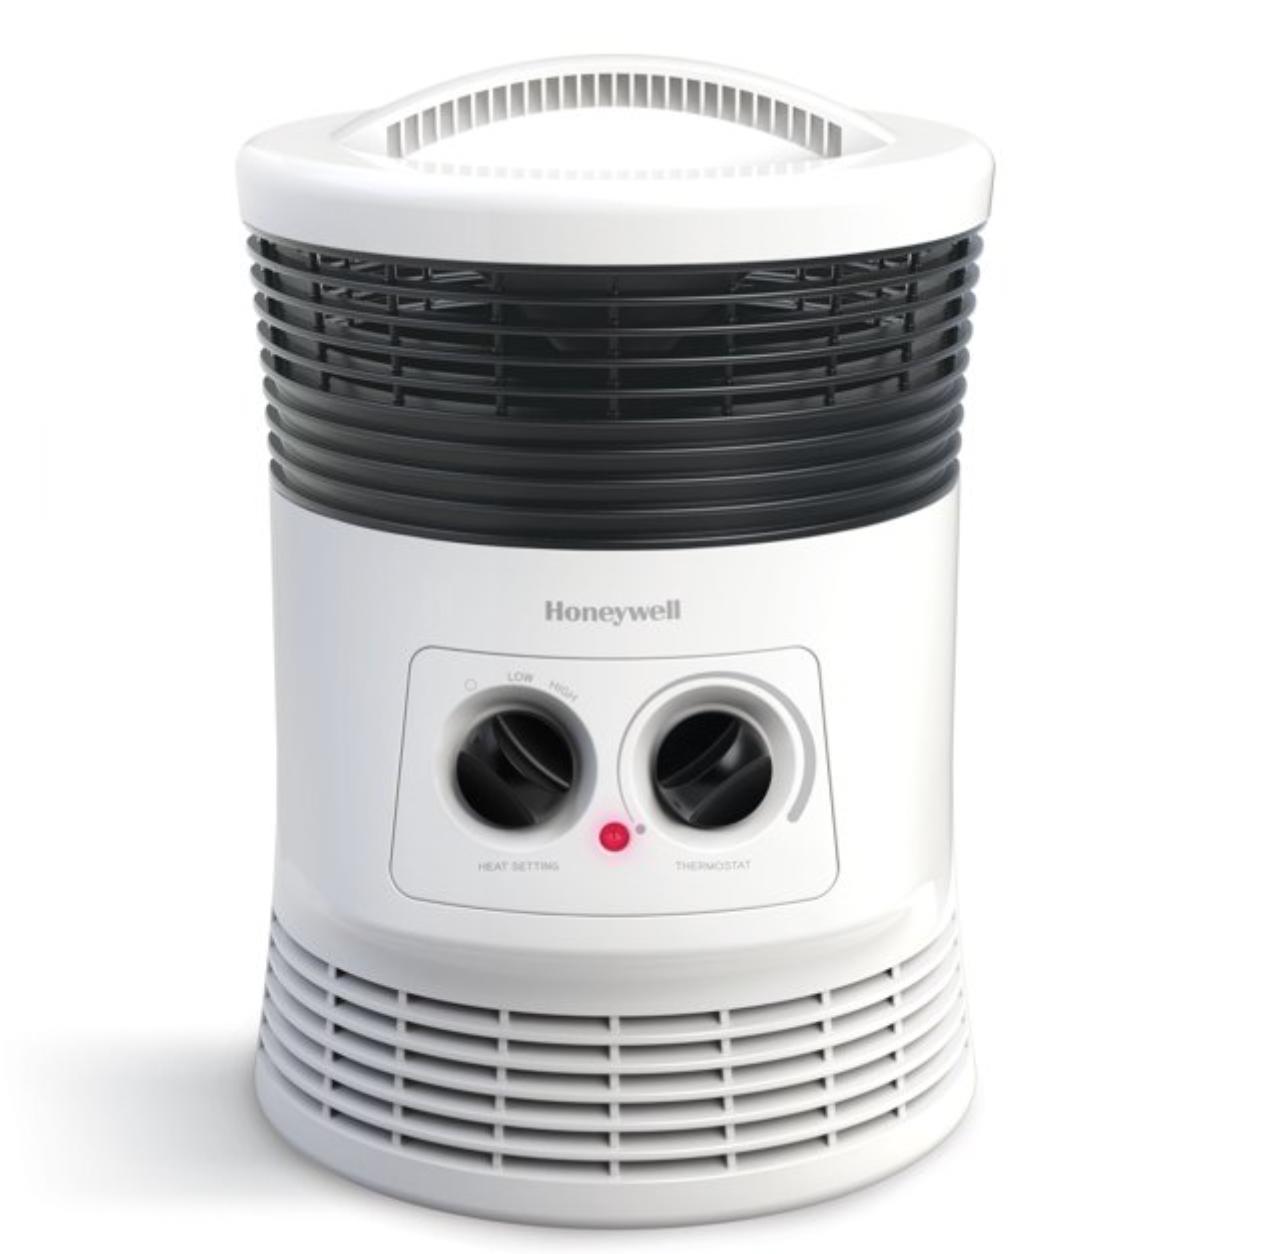 Honeywell 360 Degree Surround Heater